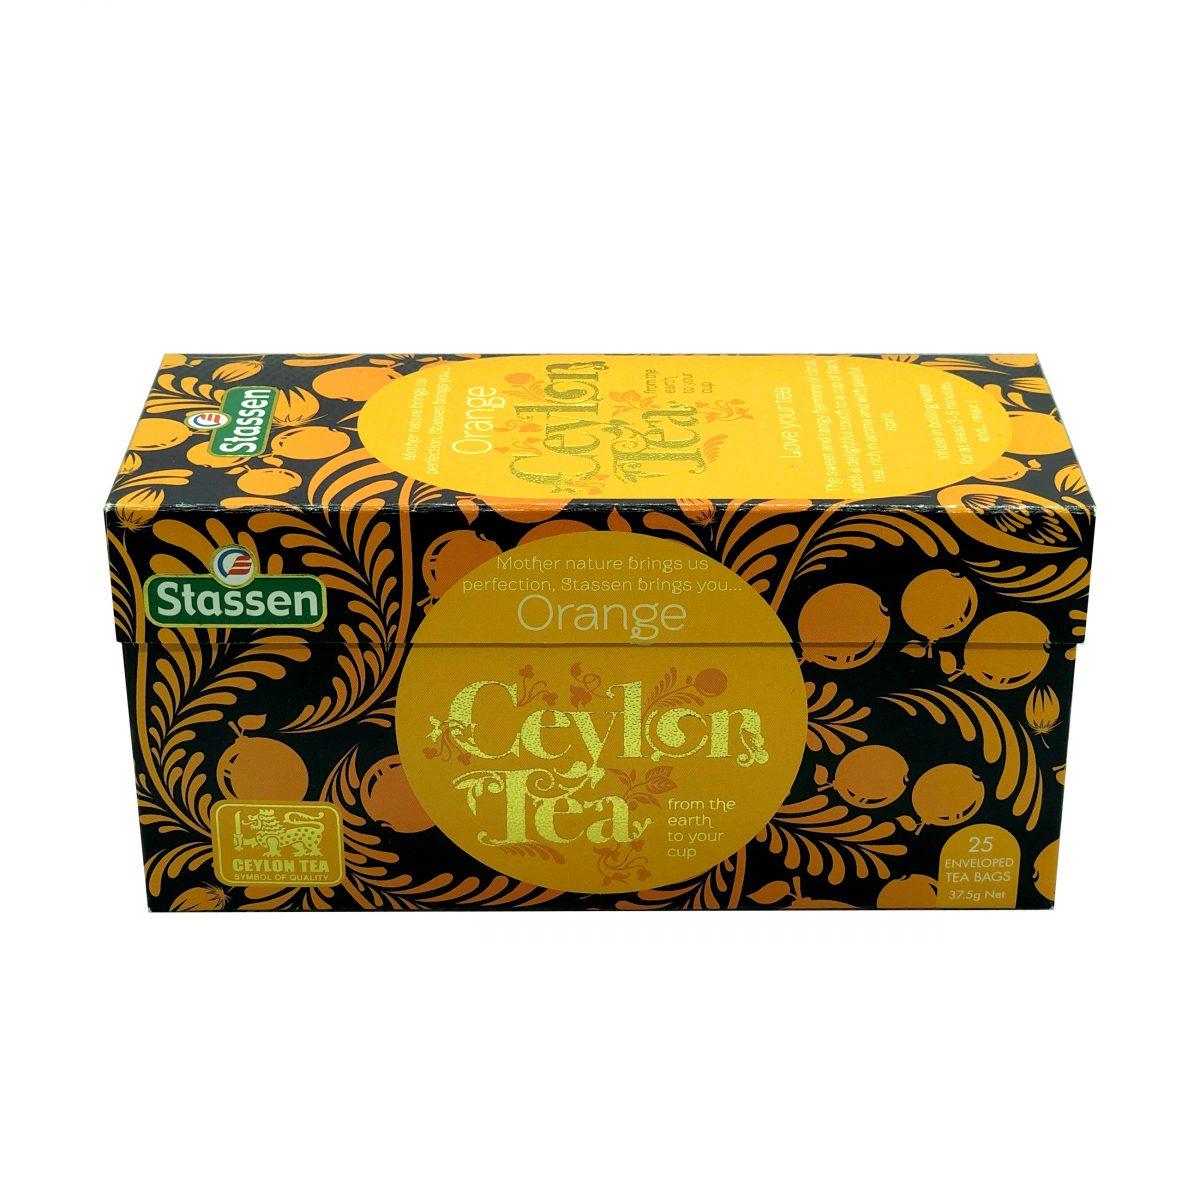 Stassen orange ceylon tea